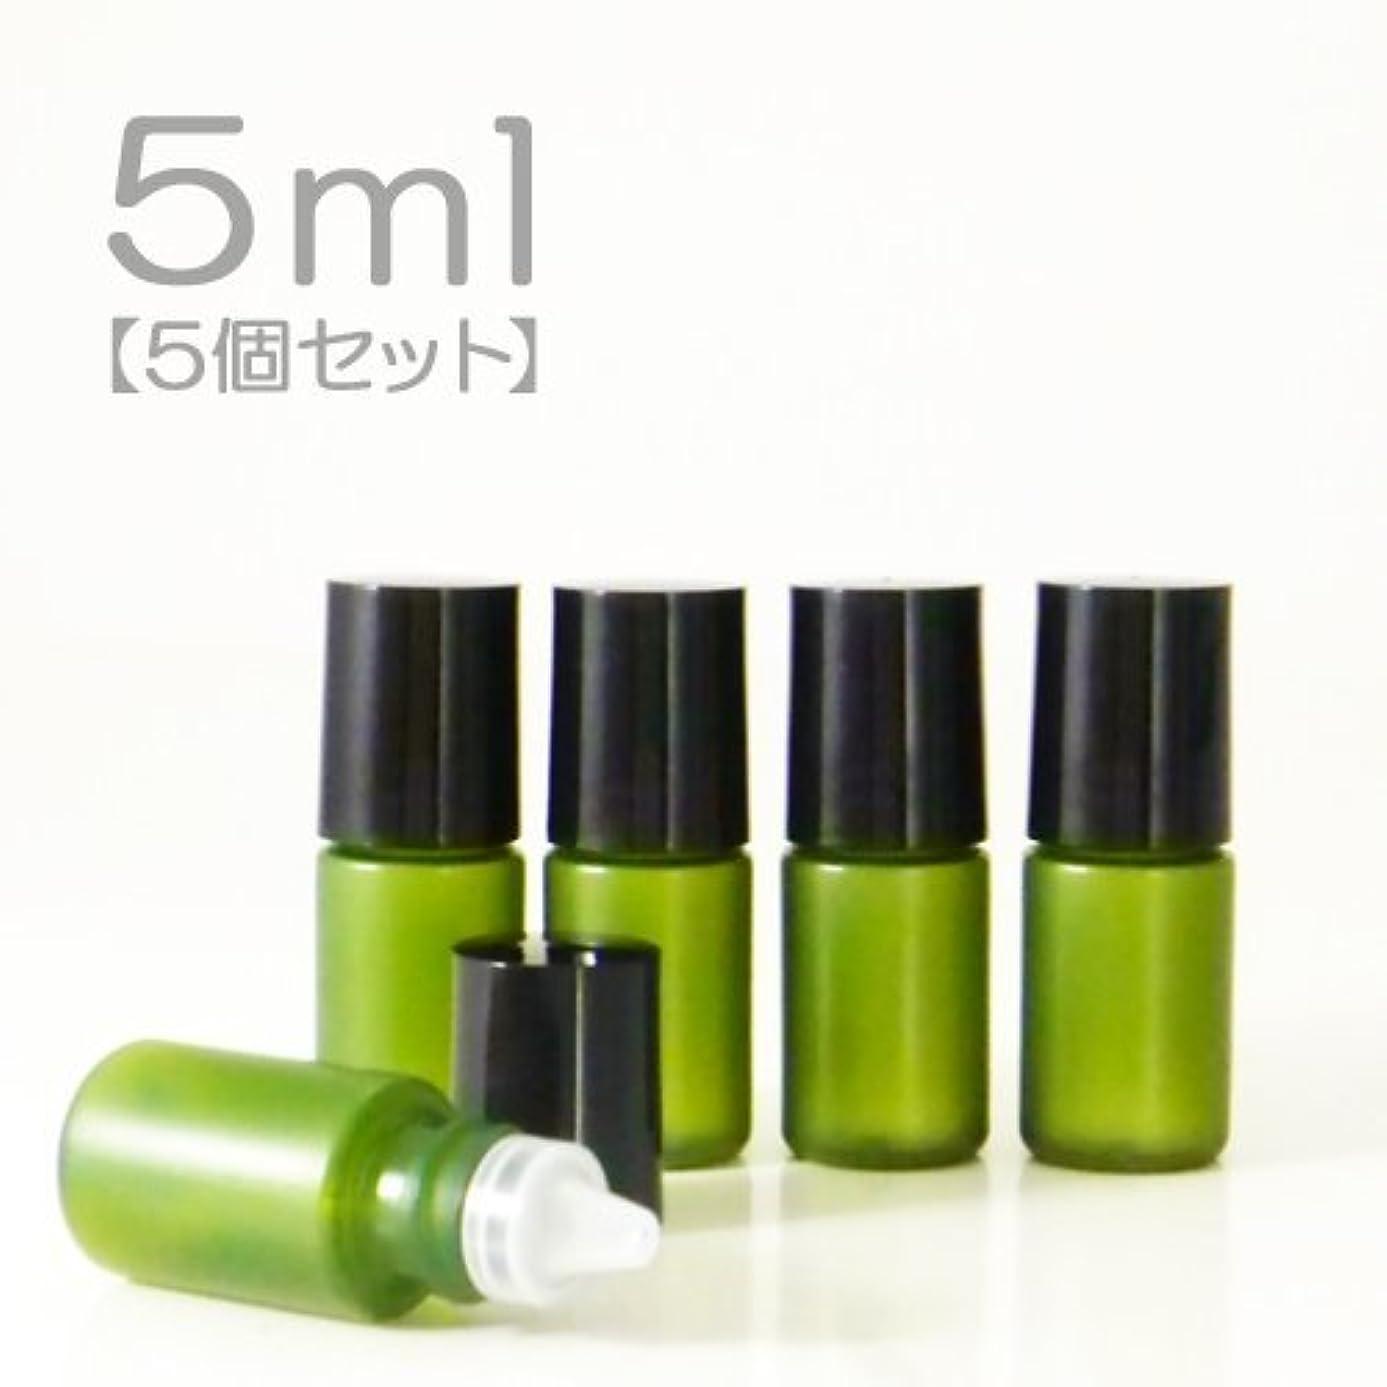 フィードバック早める形ミニボトル容器 5ml グリーン (5個セット) 【化粧品容器】